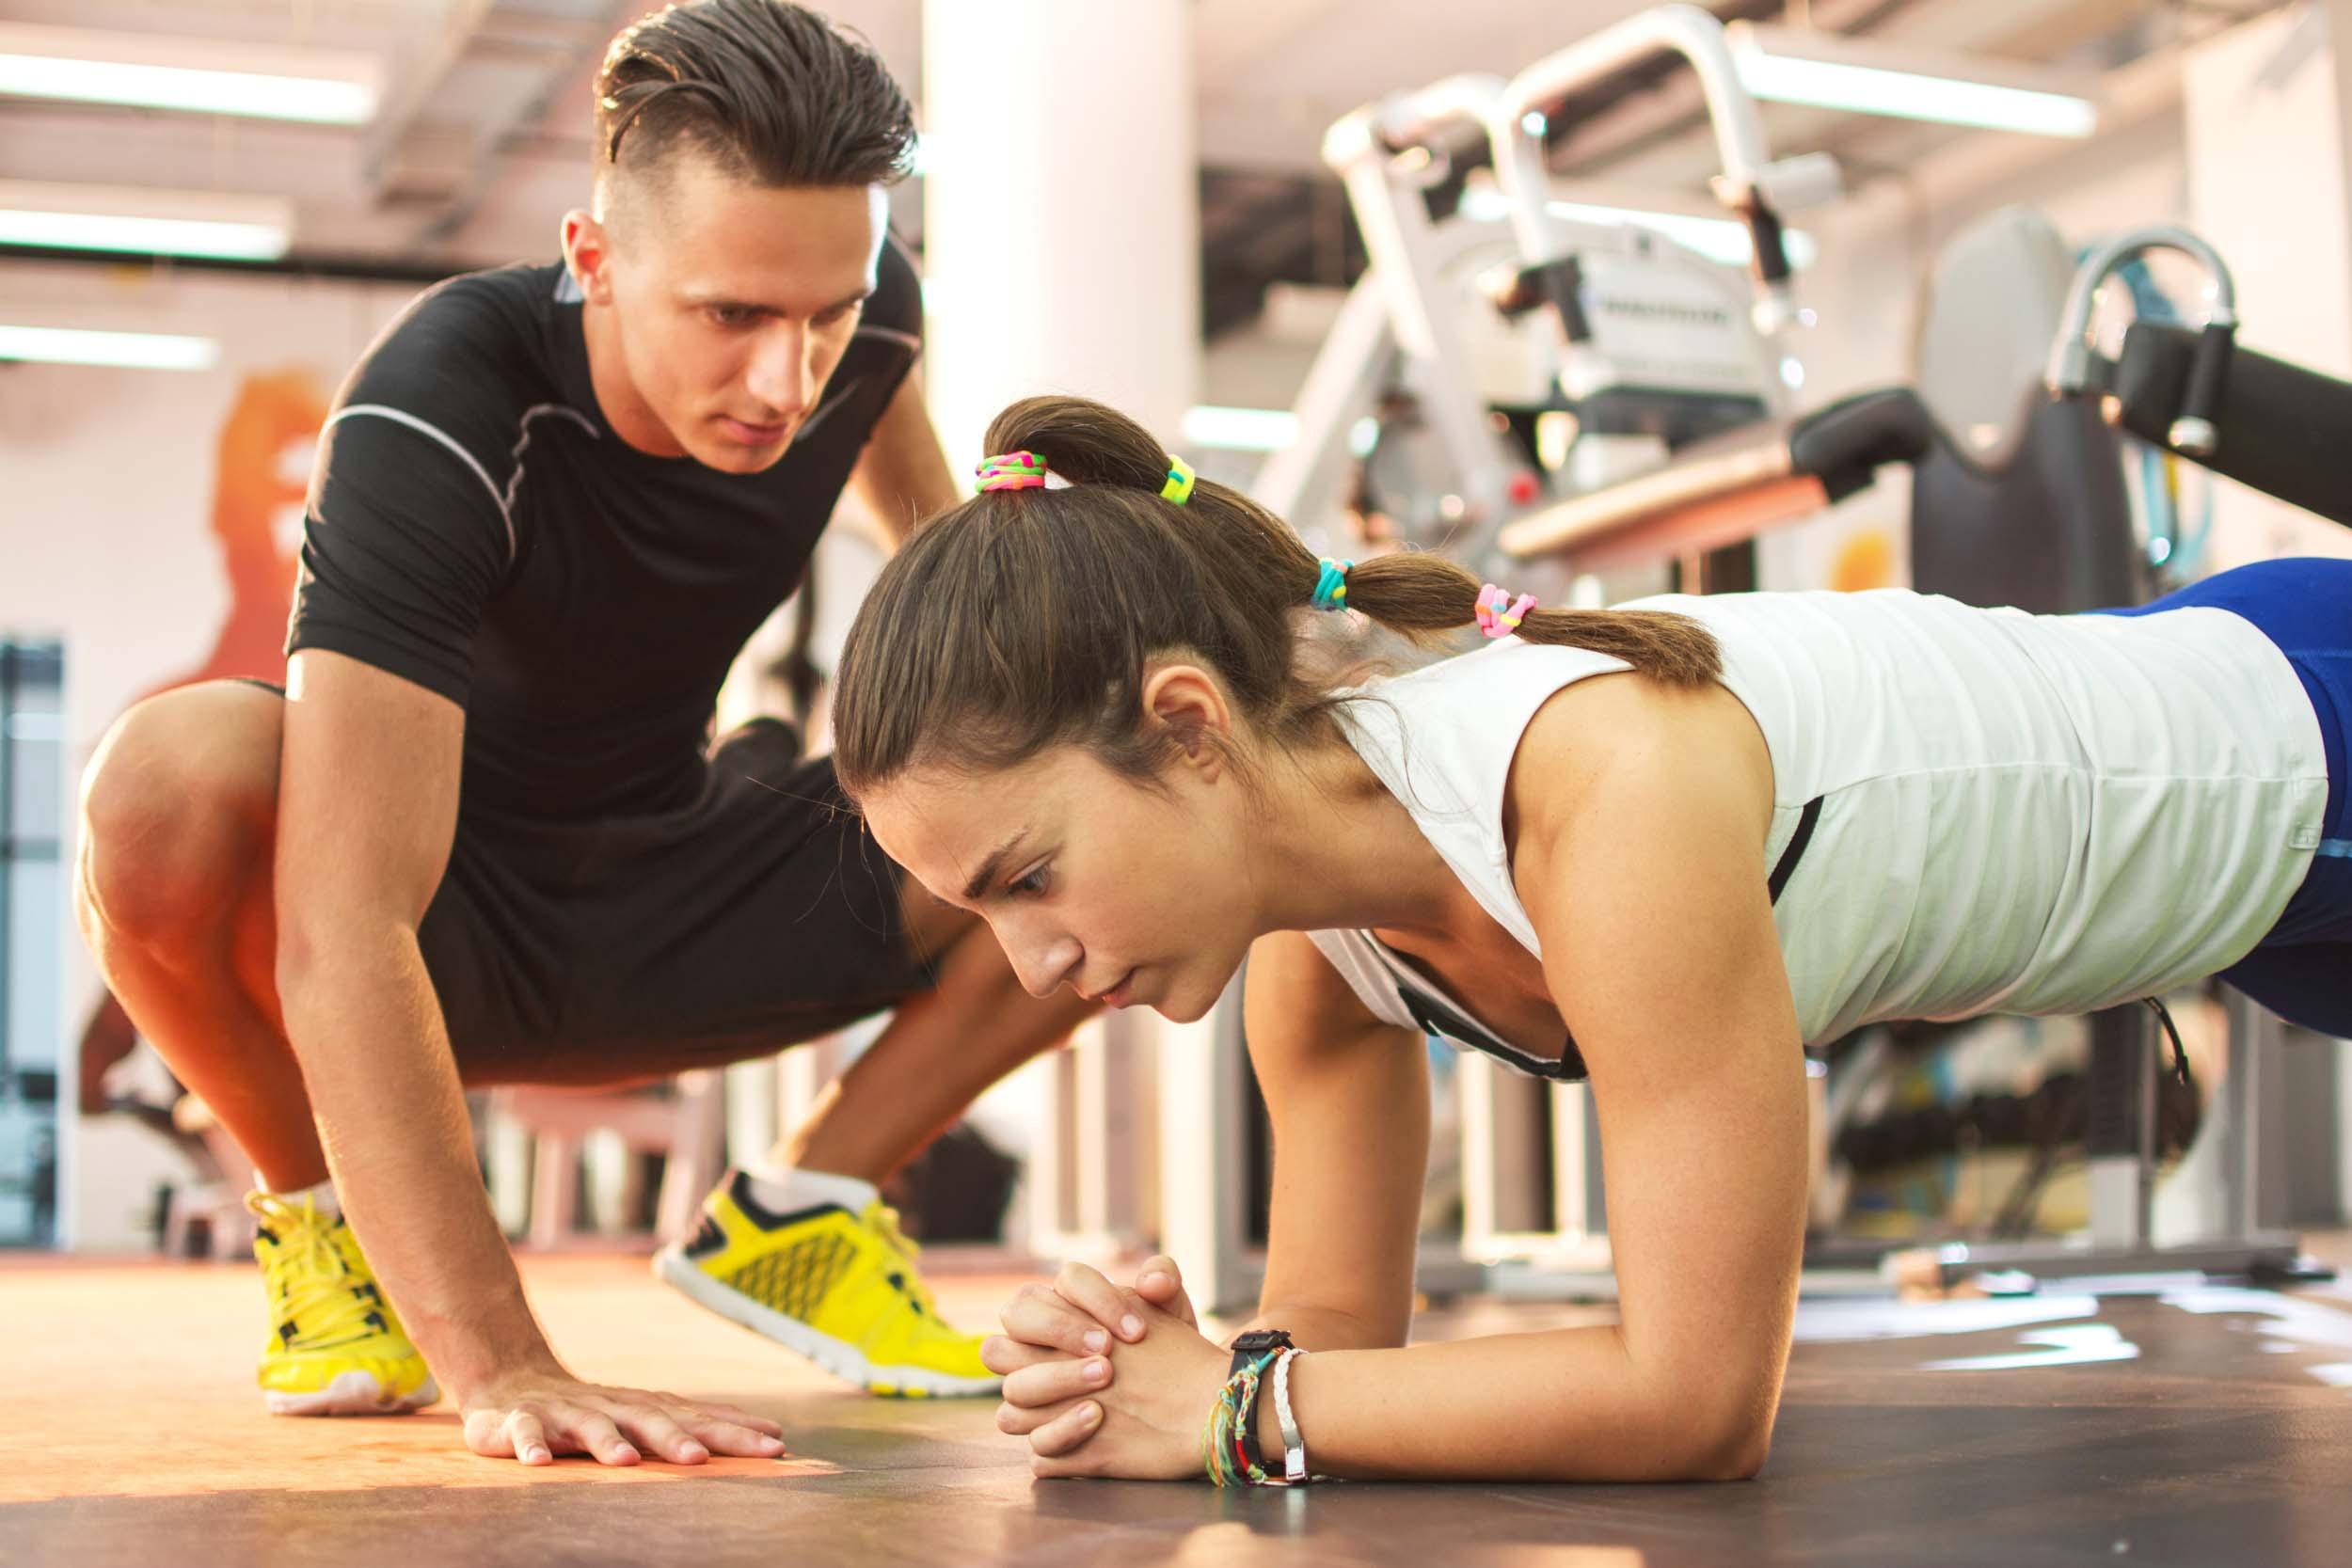 Как составить программу тренировок в тренажёрном зале: 7 важных правил